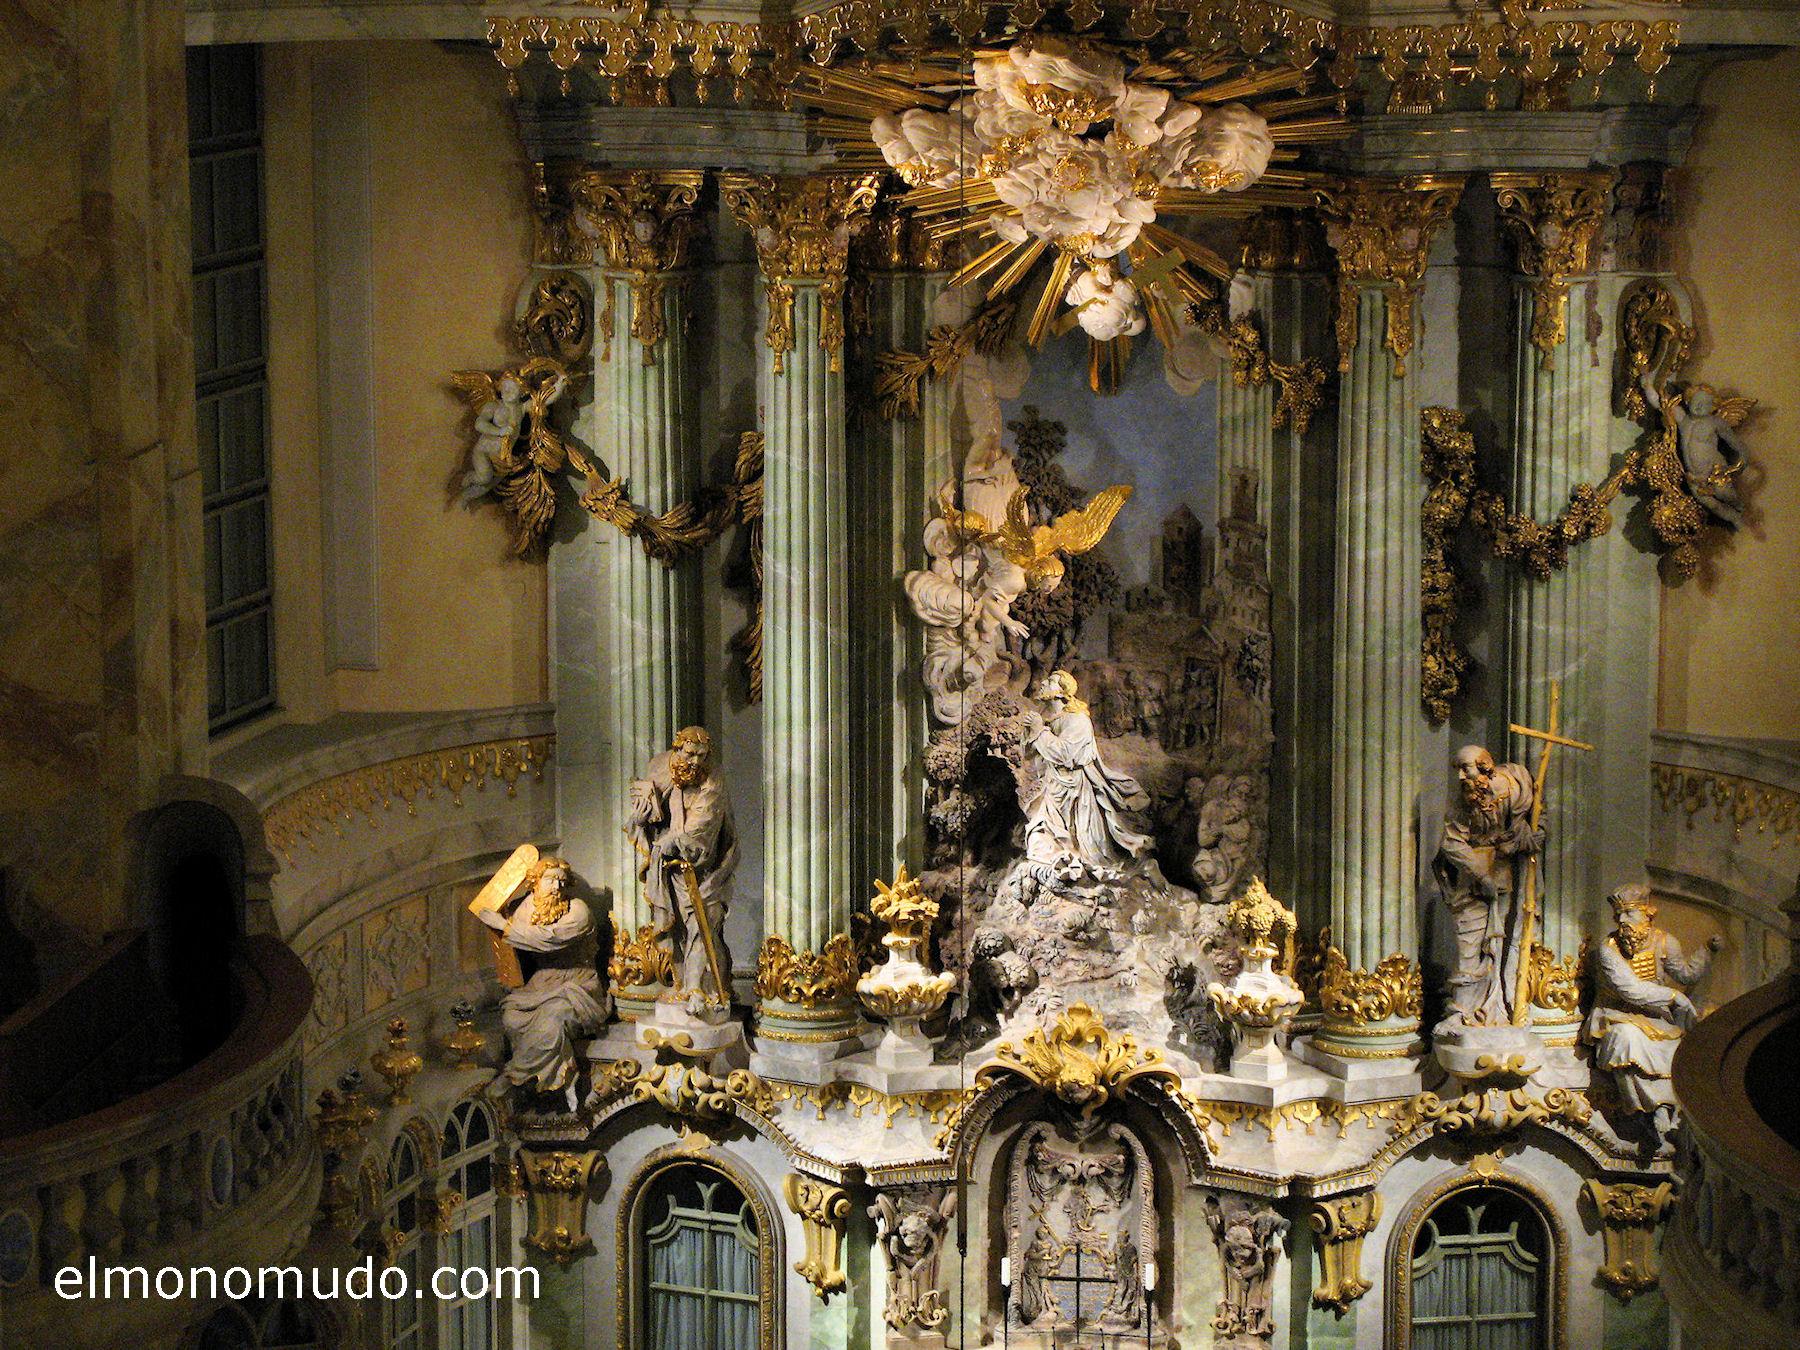 frauenkirche-interior-retablo-centro-detalle